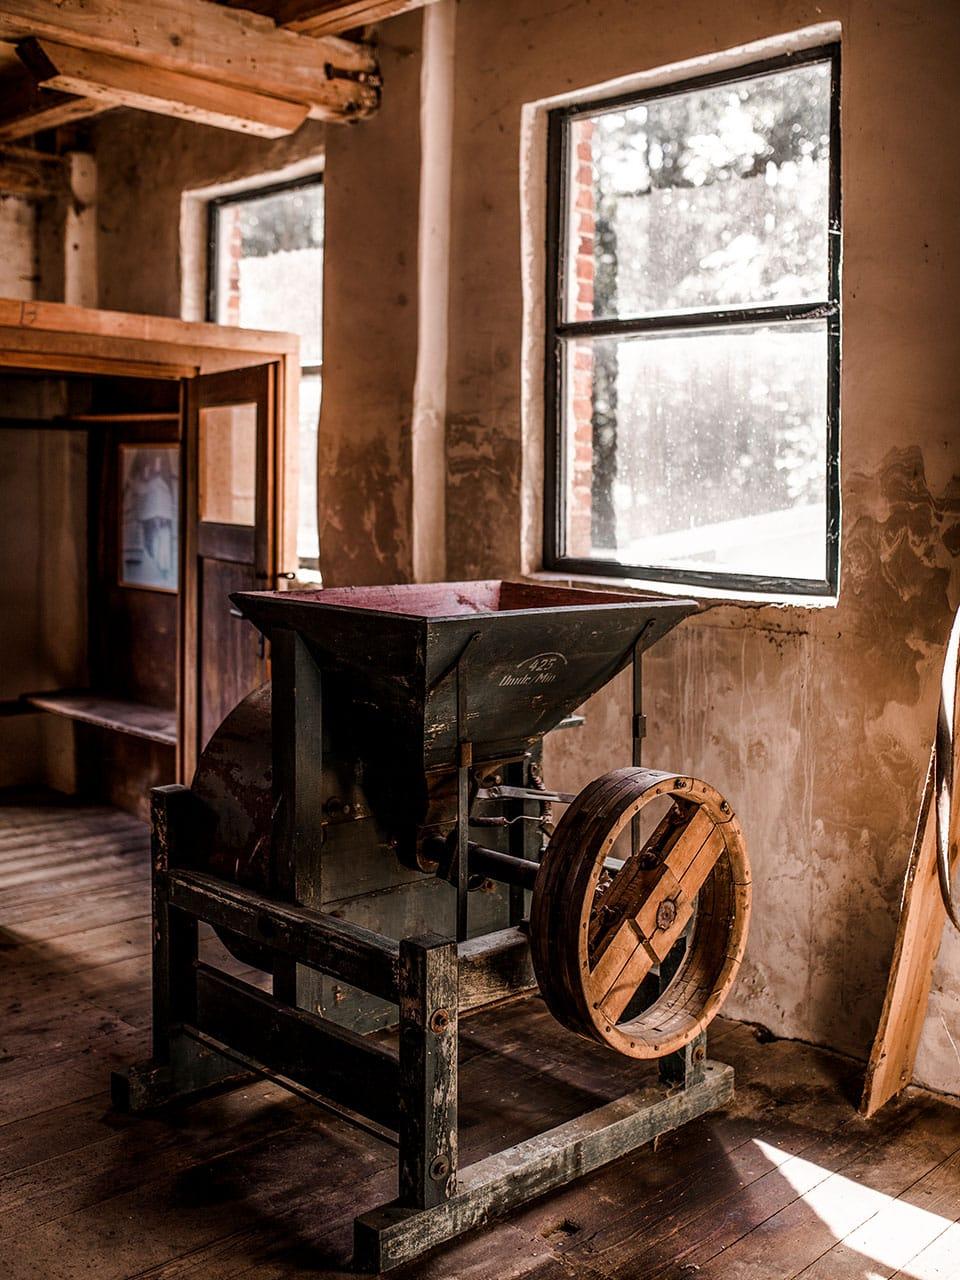 Historische Salvey Mühle Hochzeitslocation in der Uckermark Brandenburg